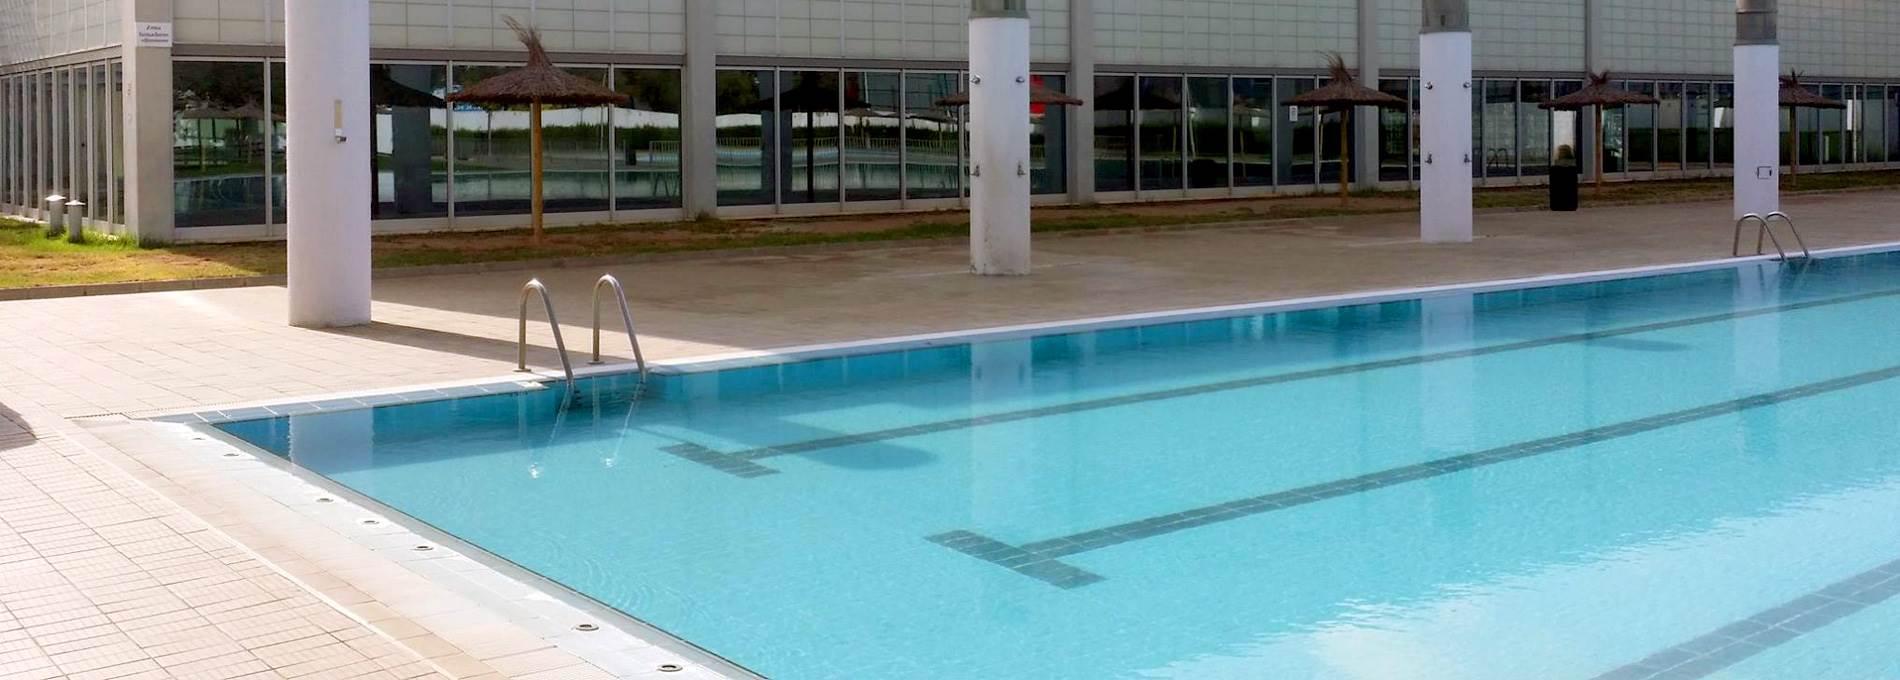 piscina cubierta sedav